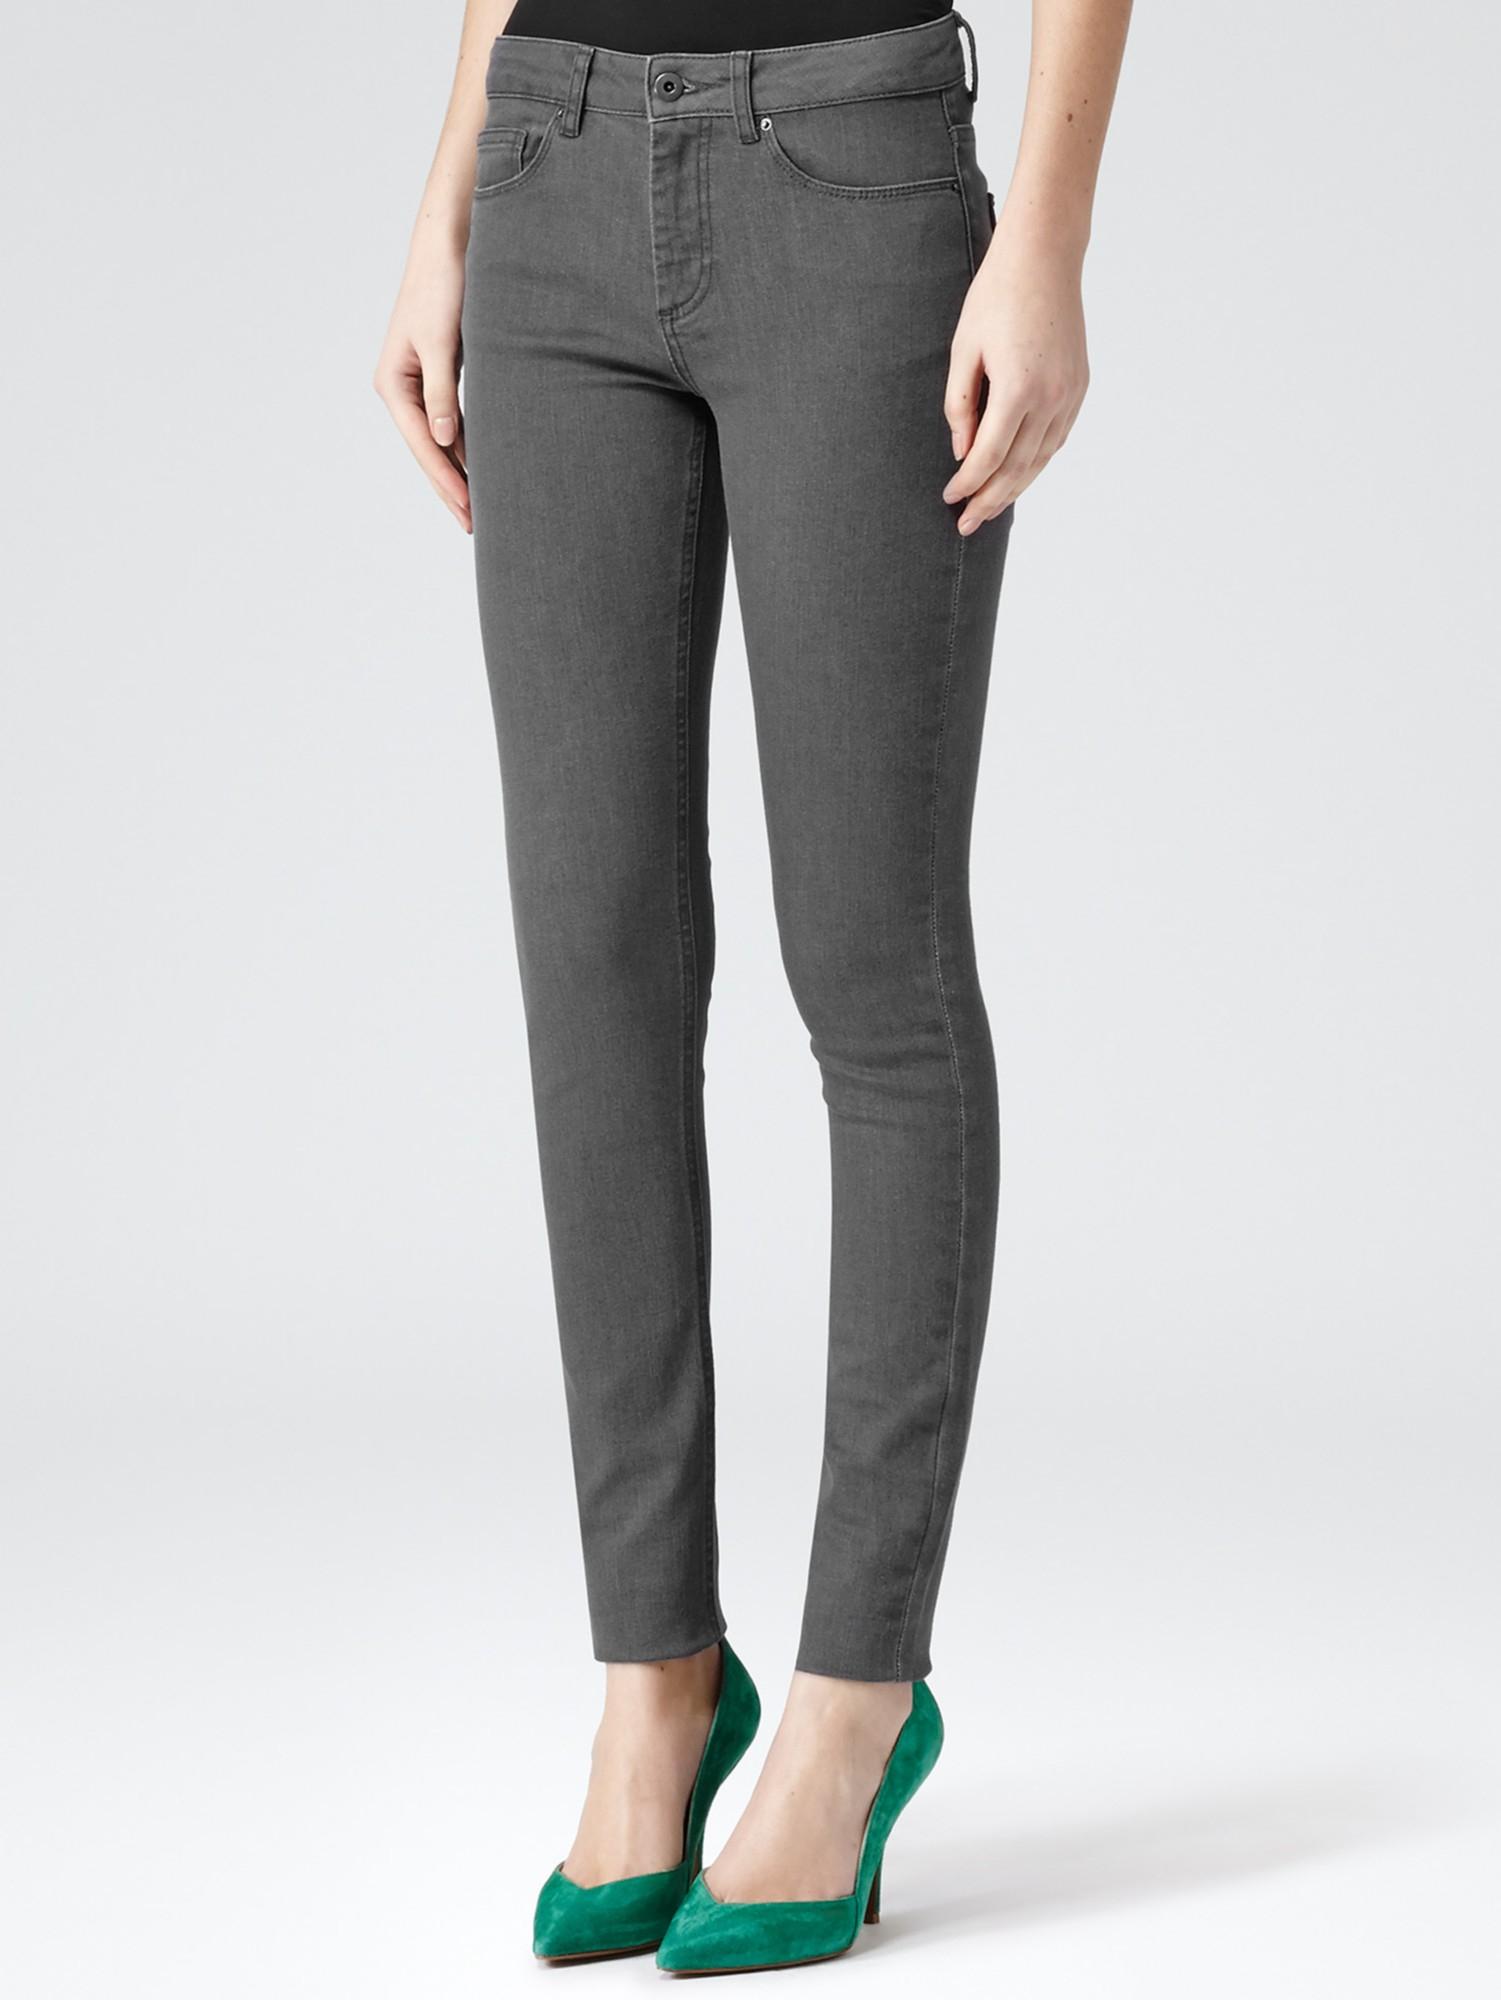 Reiss Skinny Smith Jeans in Grey (Grey)